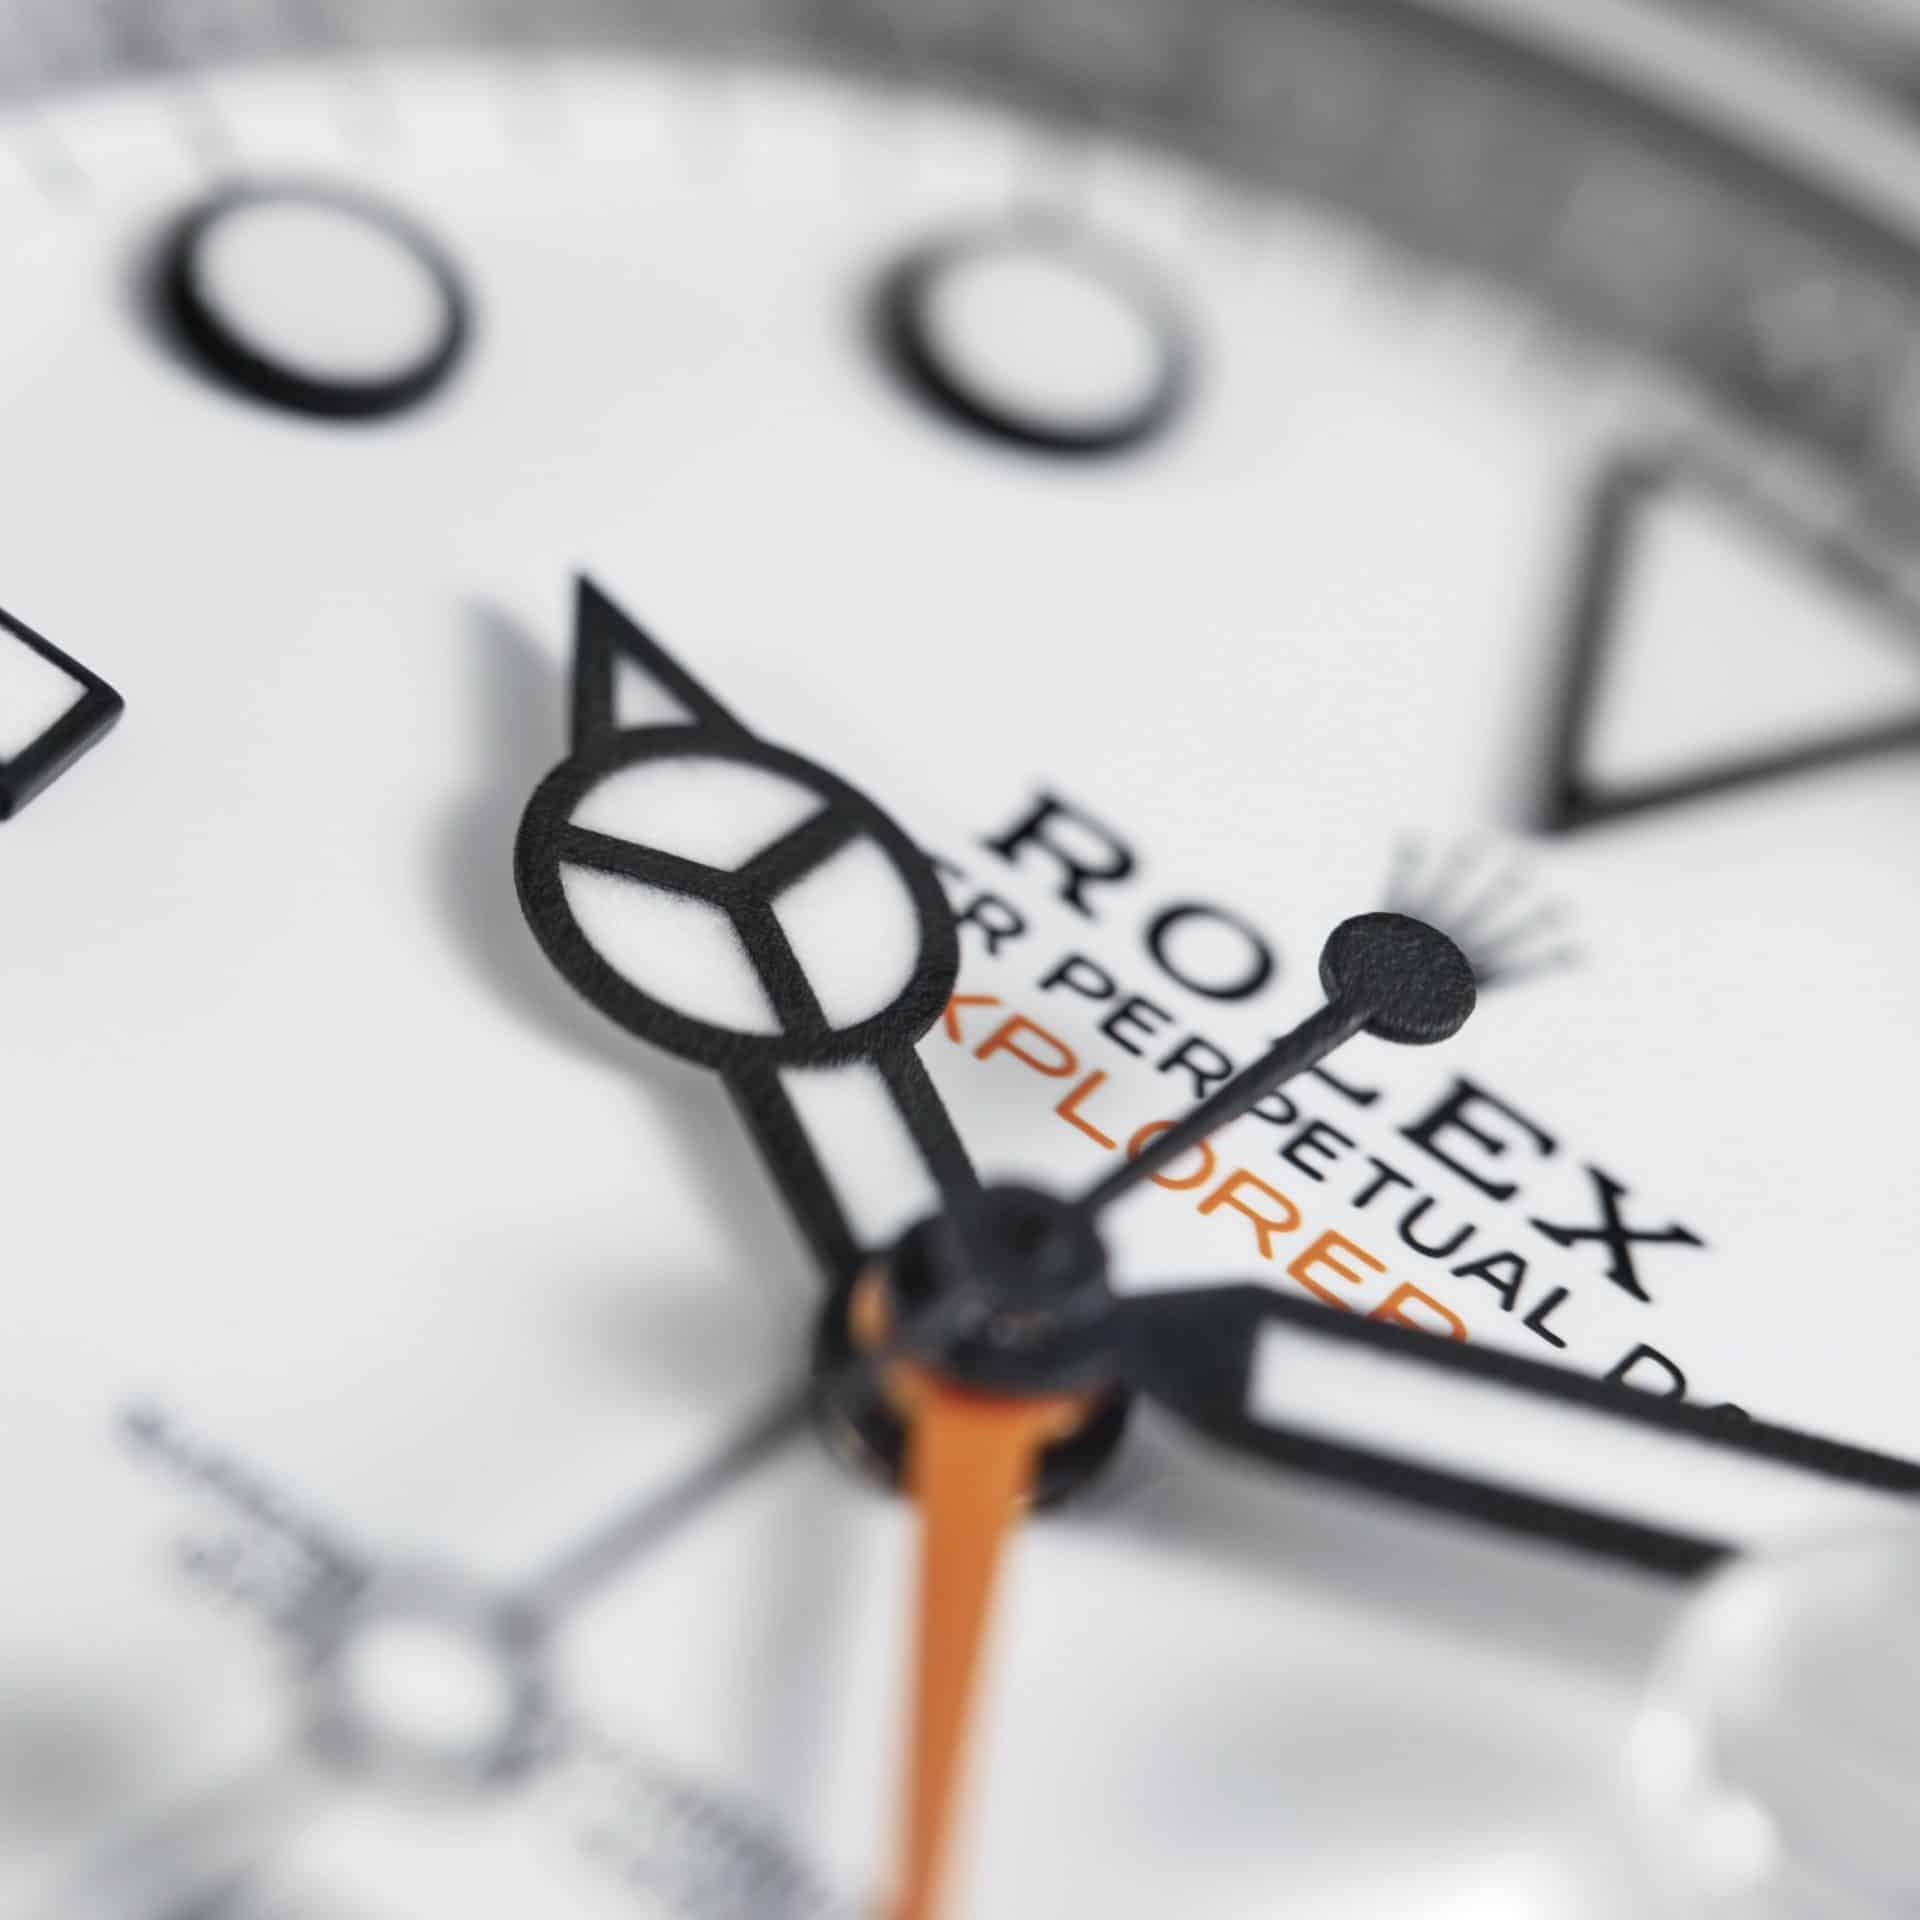 Rolex Explorer II Zeiger Indexe mit verbesserter Chromalight Leuchtmasse